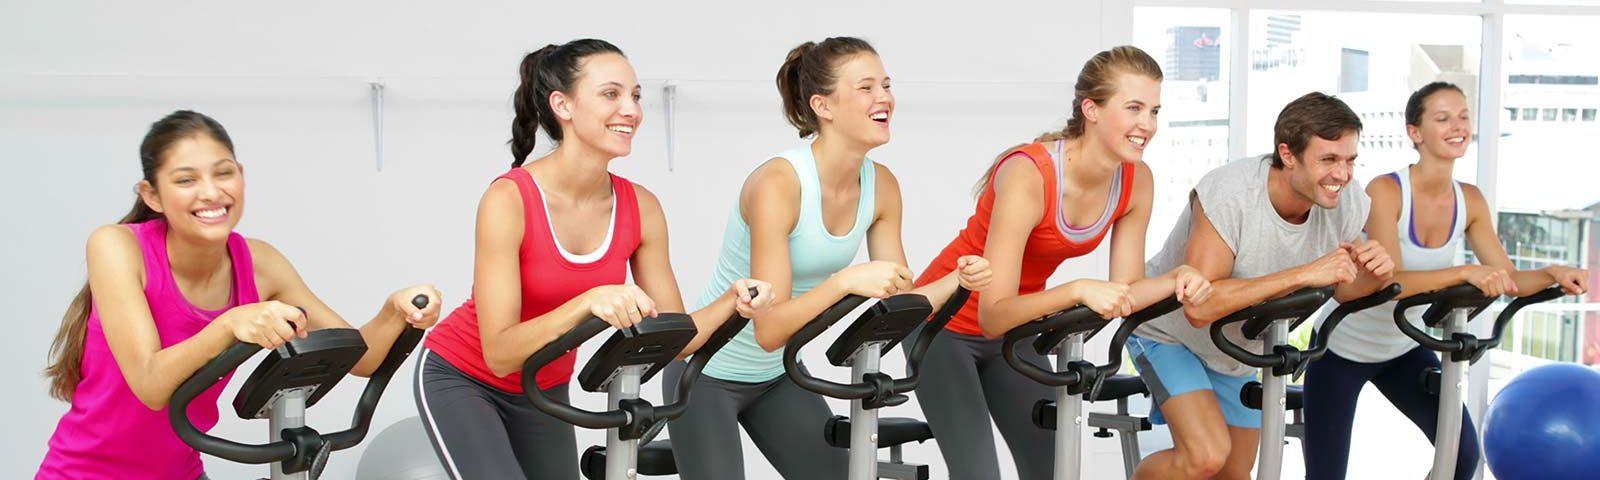 melhores exercícios para queimar gordura